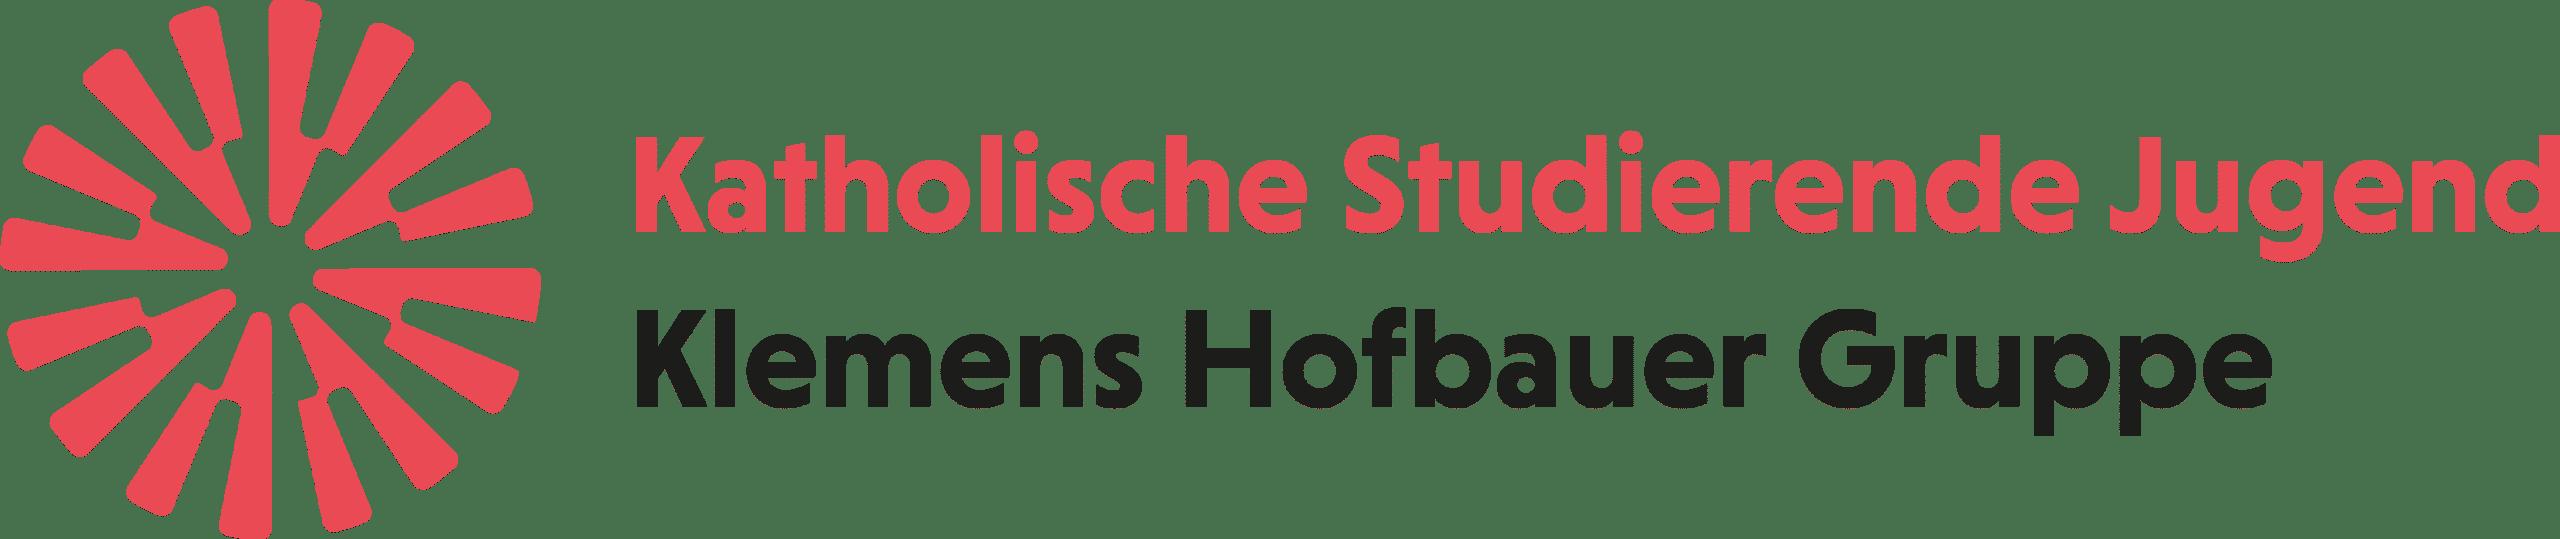 KSJ Bonn | Klemens Hofbauer Gruppe